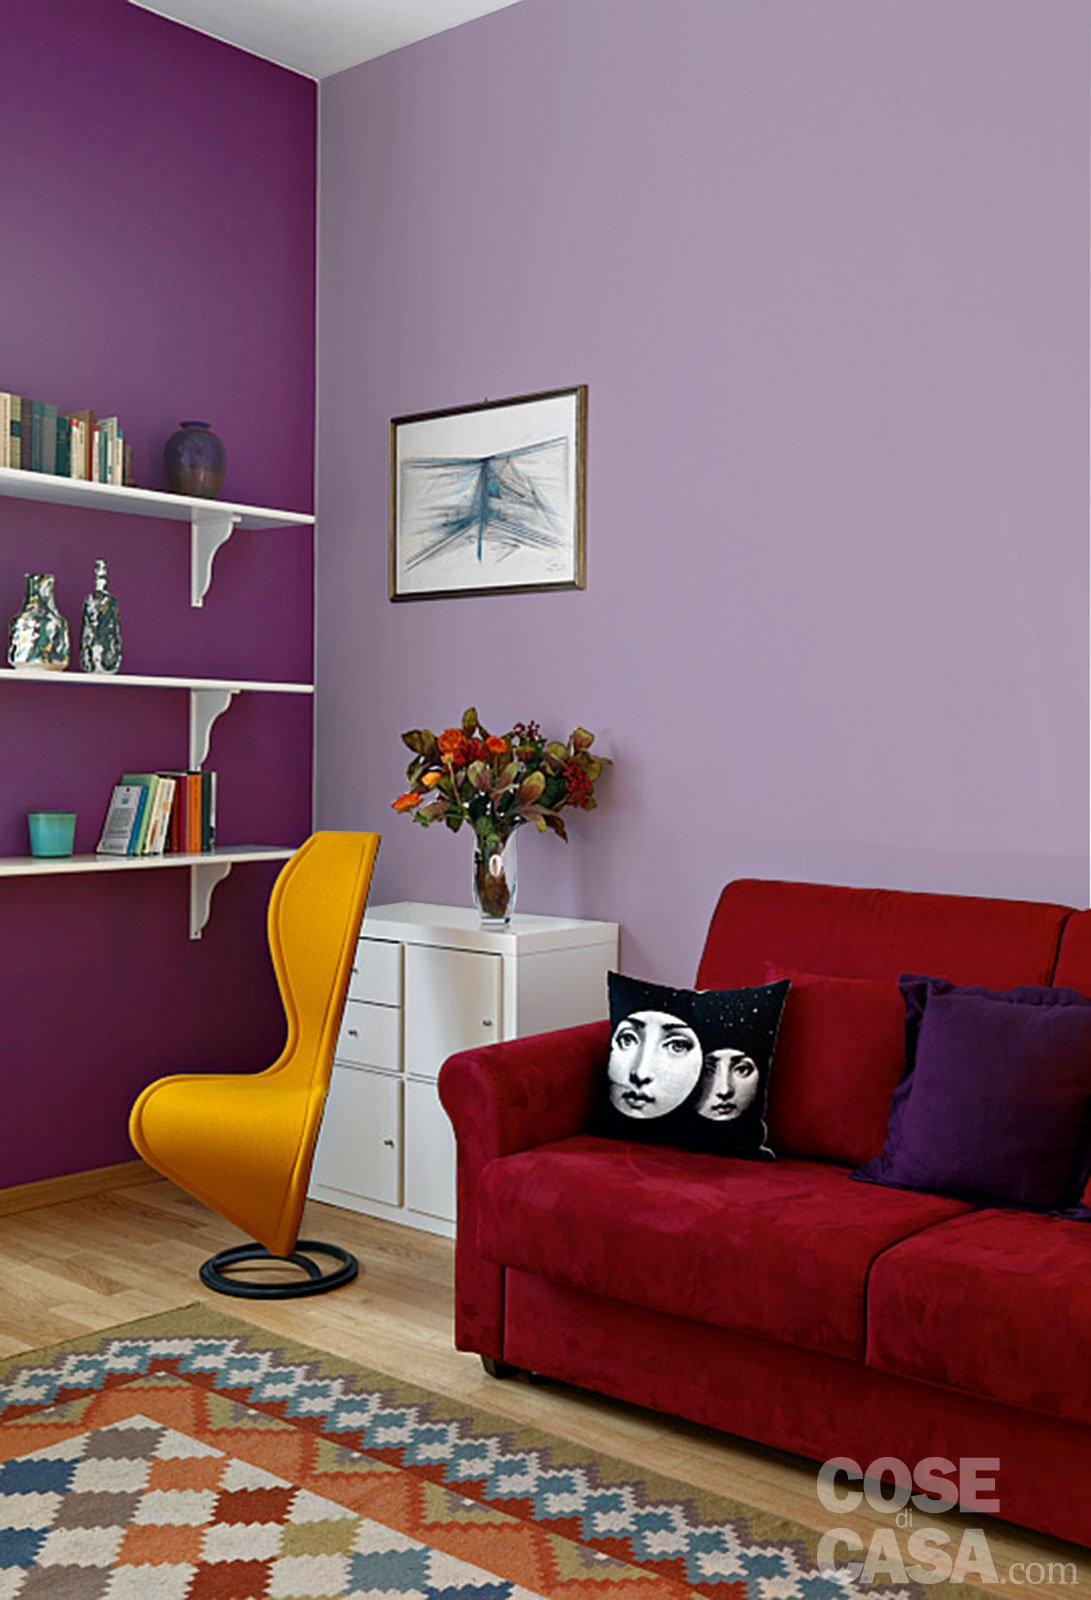 Pitturare le pareti i trucchi che ingannano l occhio cose di casa - Per pitturare le pareti di casa ...